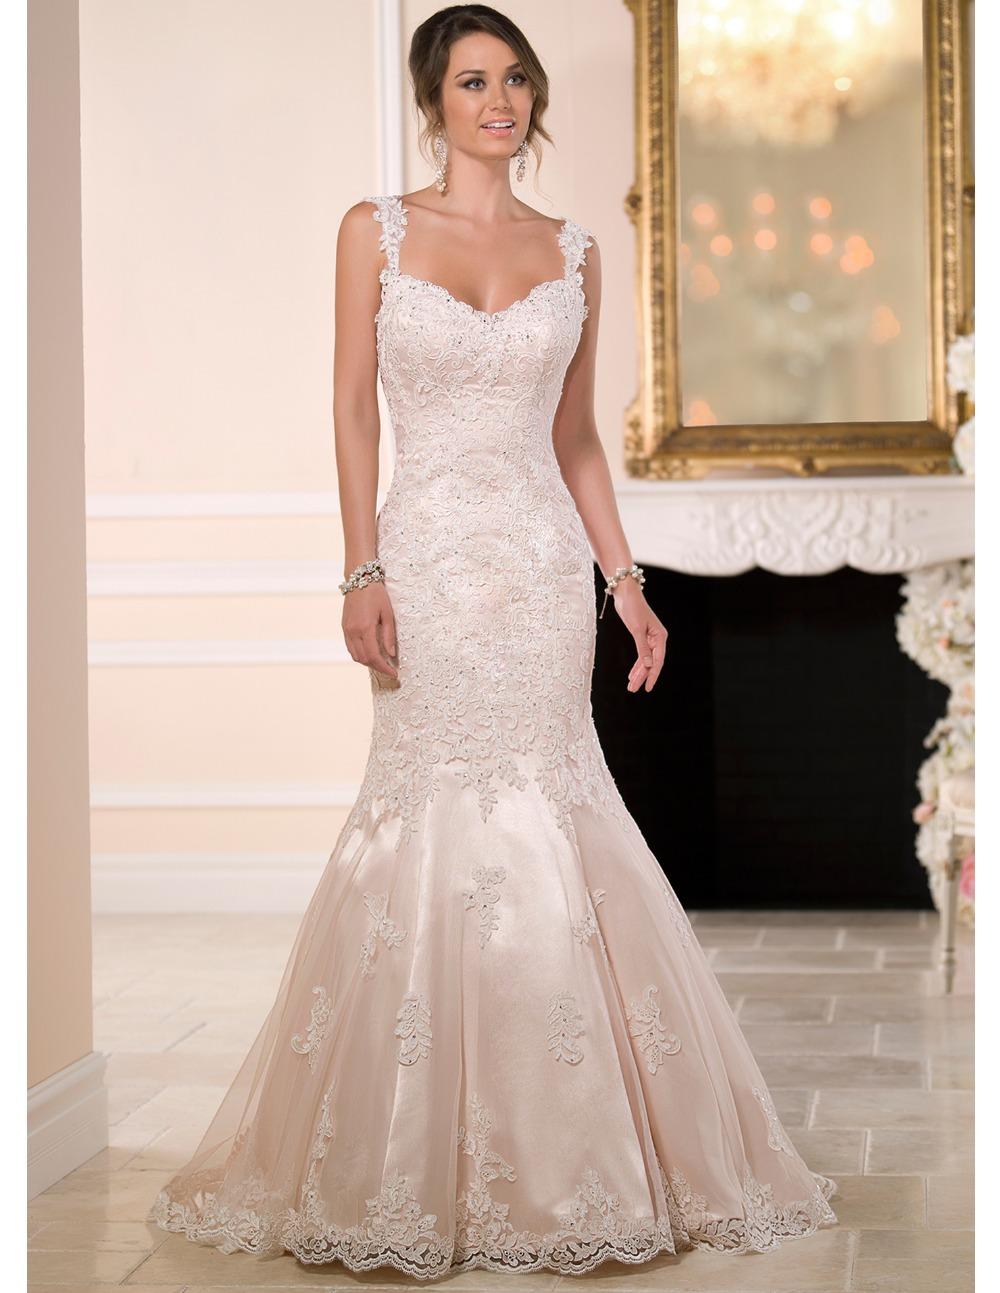 Vestidos novias 2016 женщин сексуальный спинки принцесса русалка свадебное платье с длинным формальные невесты платья traje novia - 624